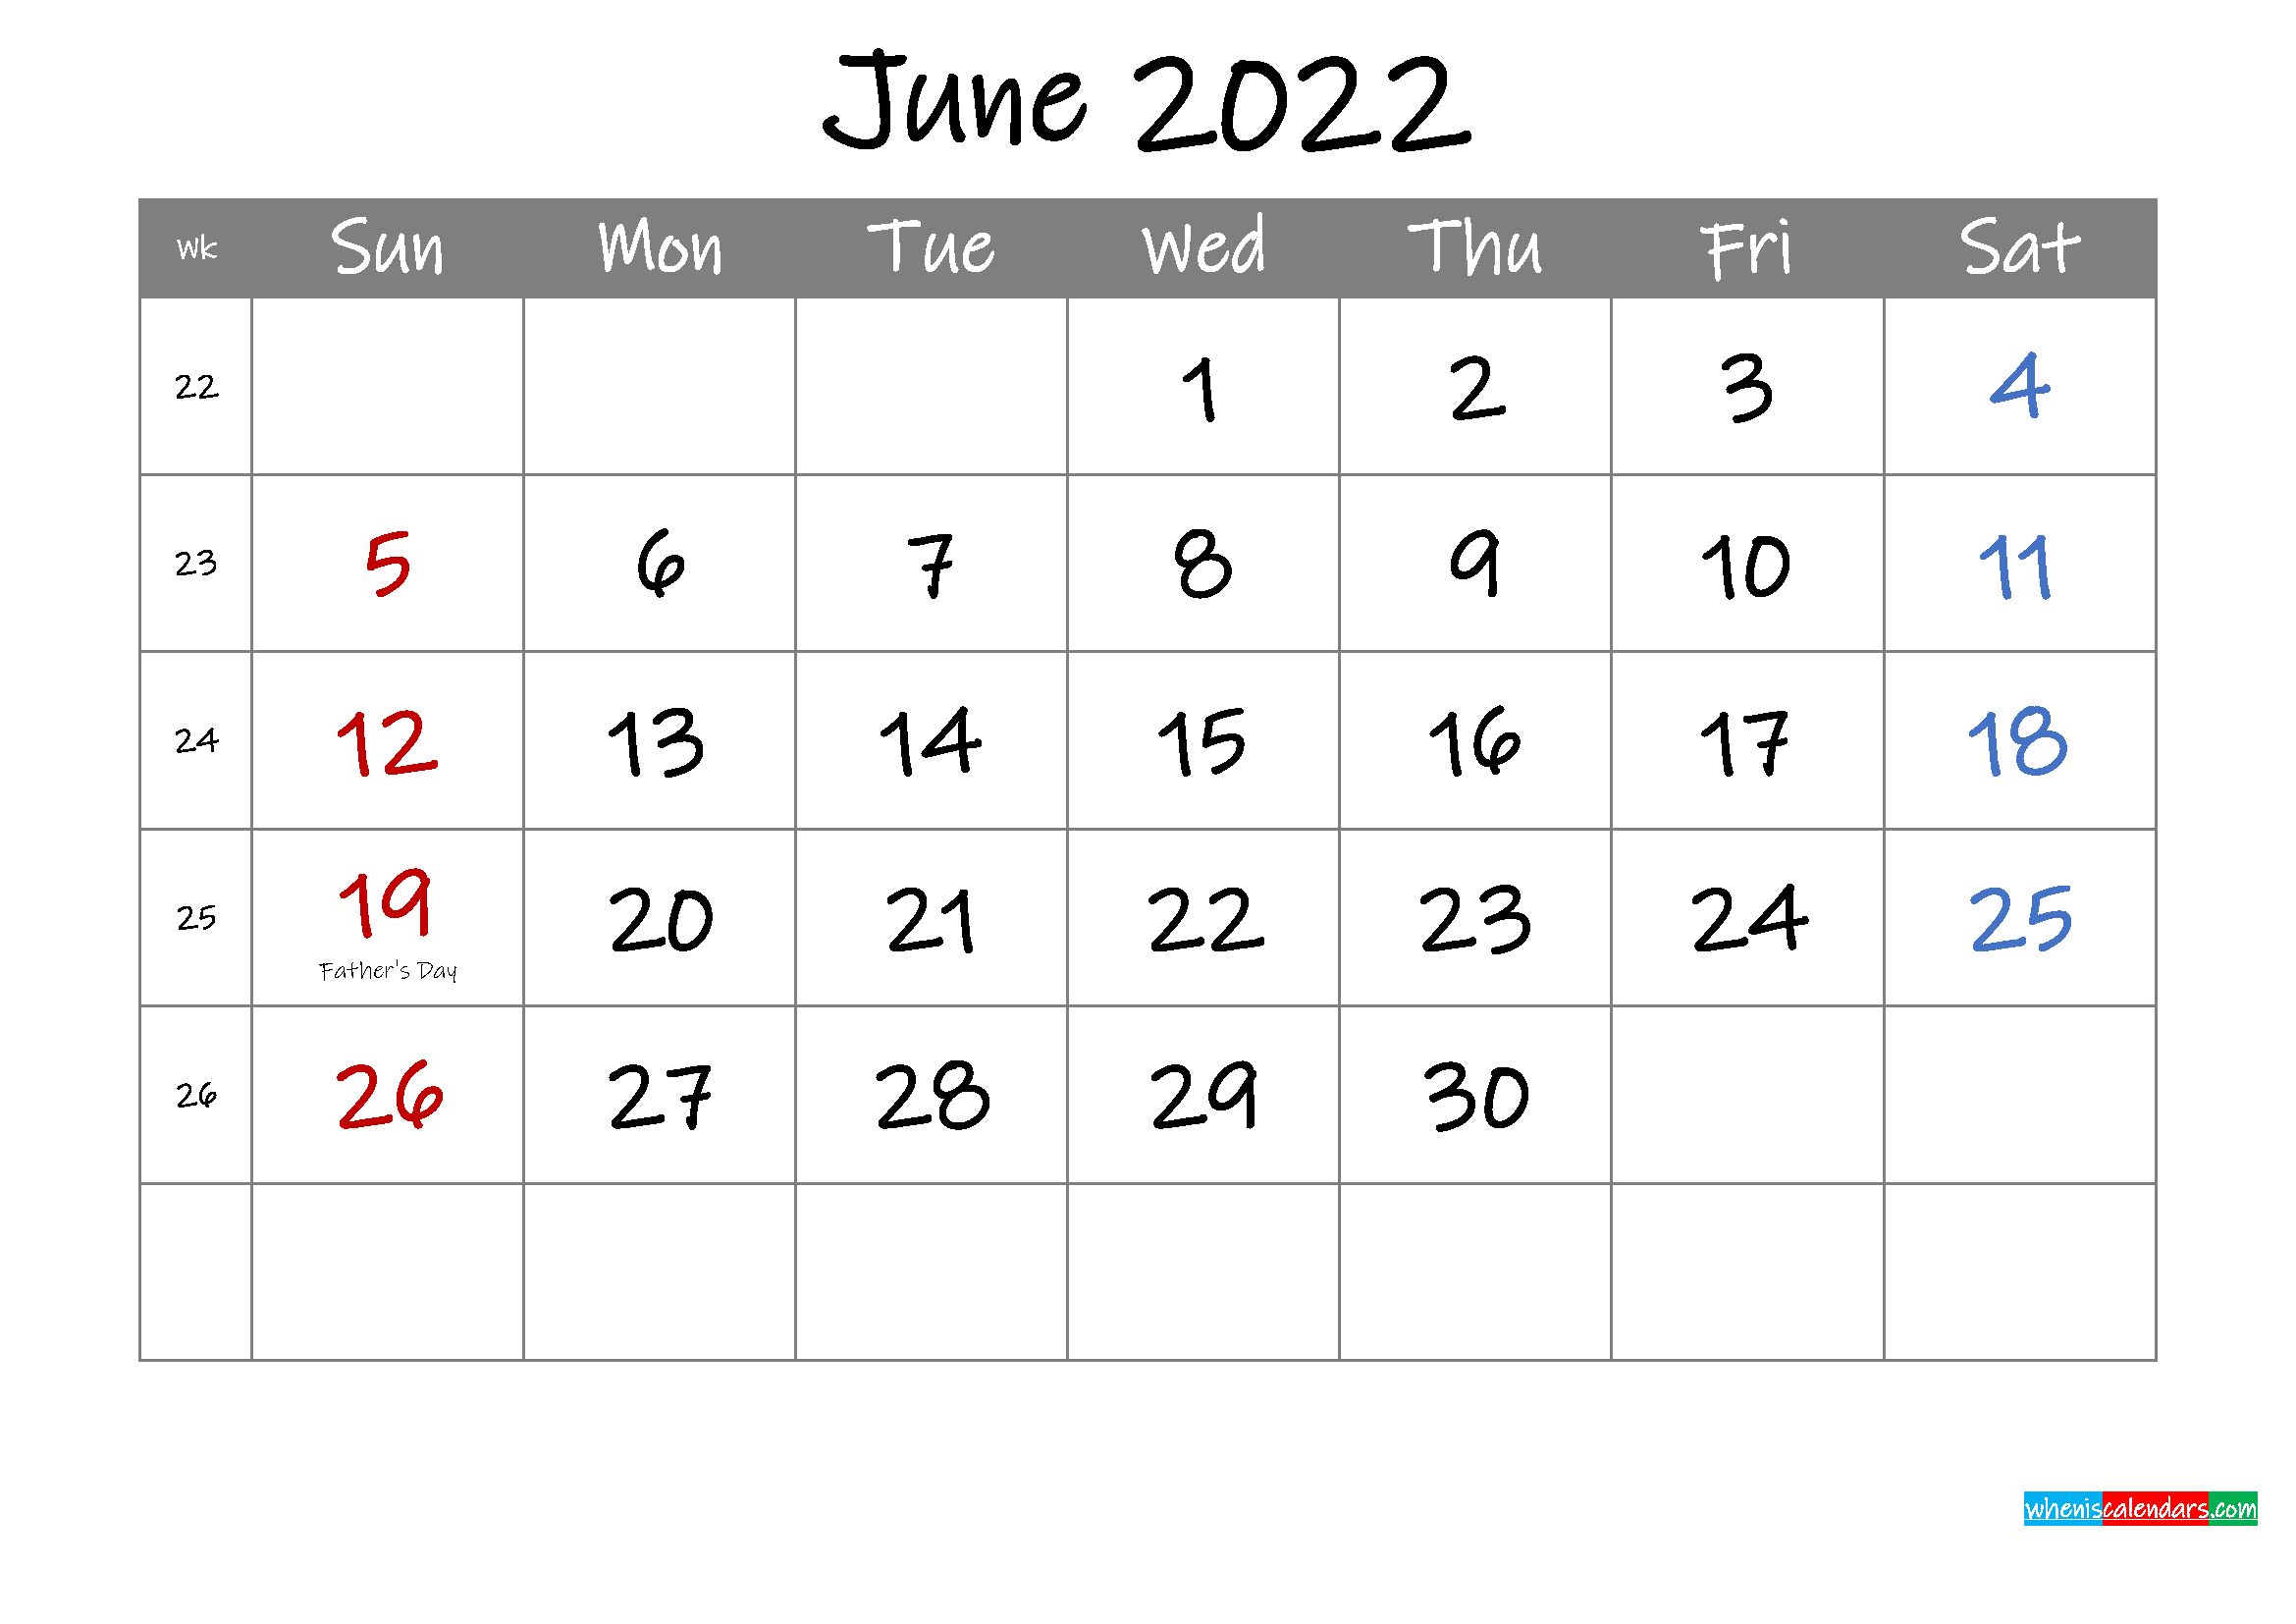 Editable June 2022 Calendar with Holidays